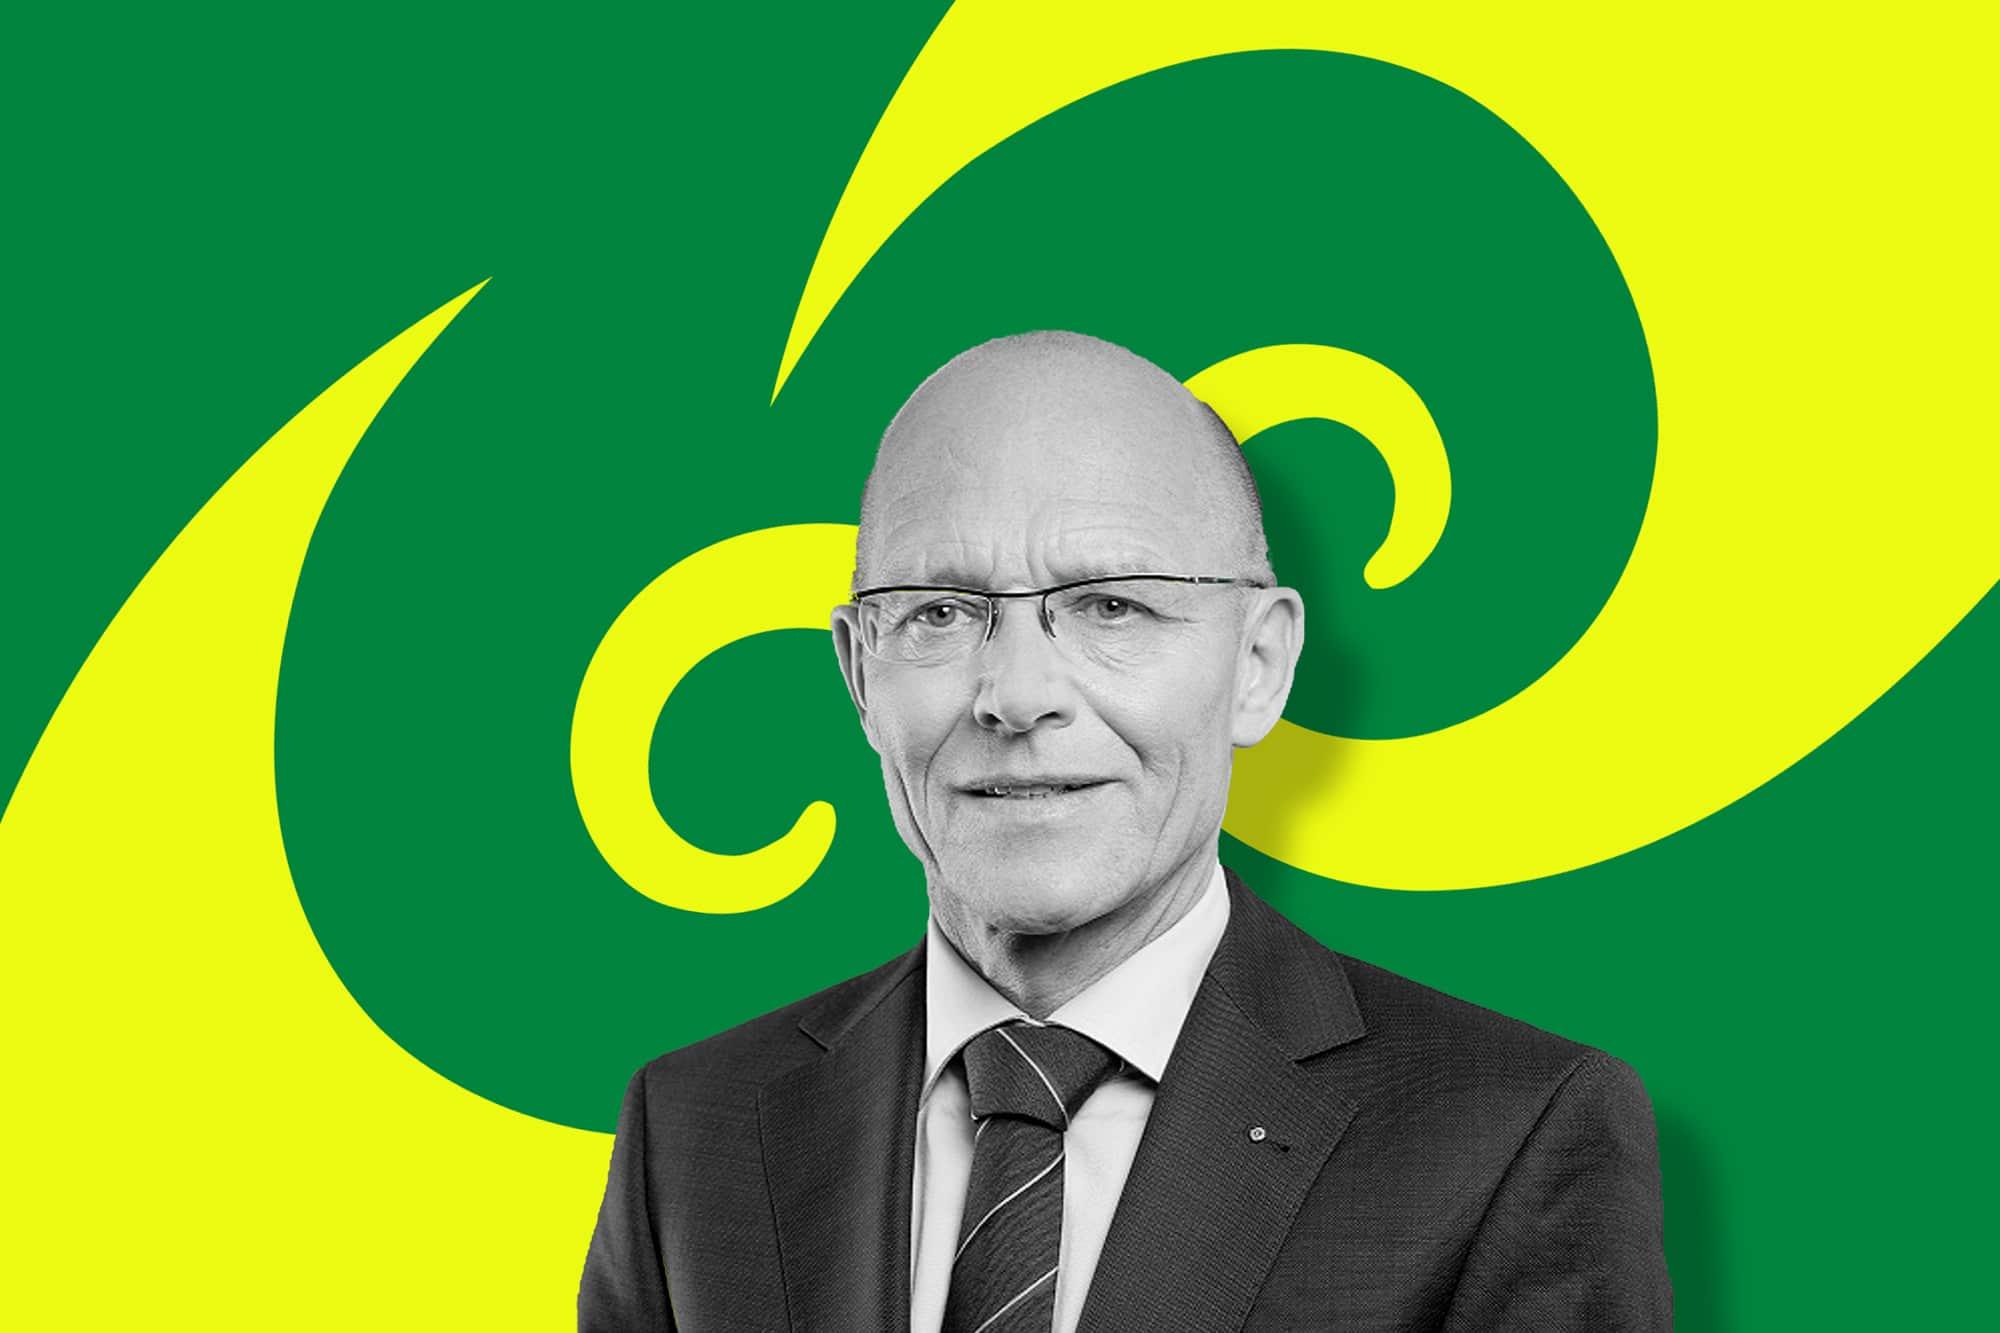 Darf bis Ende Jahr die BVB leiten: Kurt Altermatt, Übergangspräsident der Trämmler.